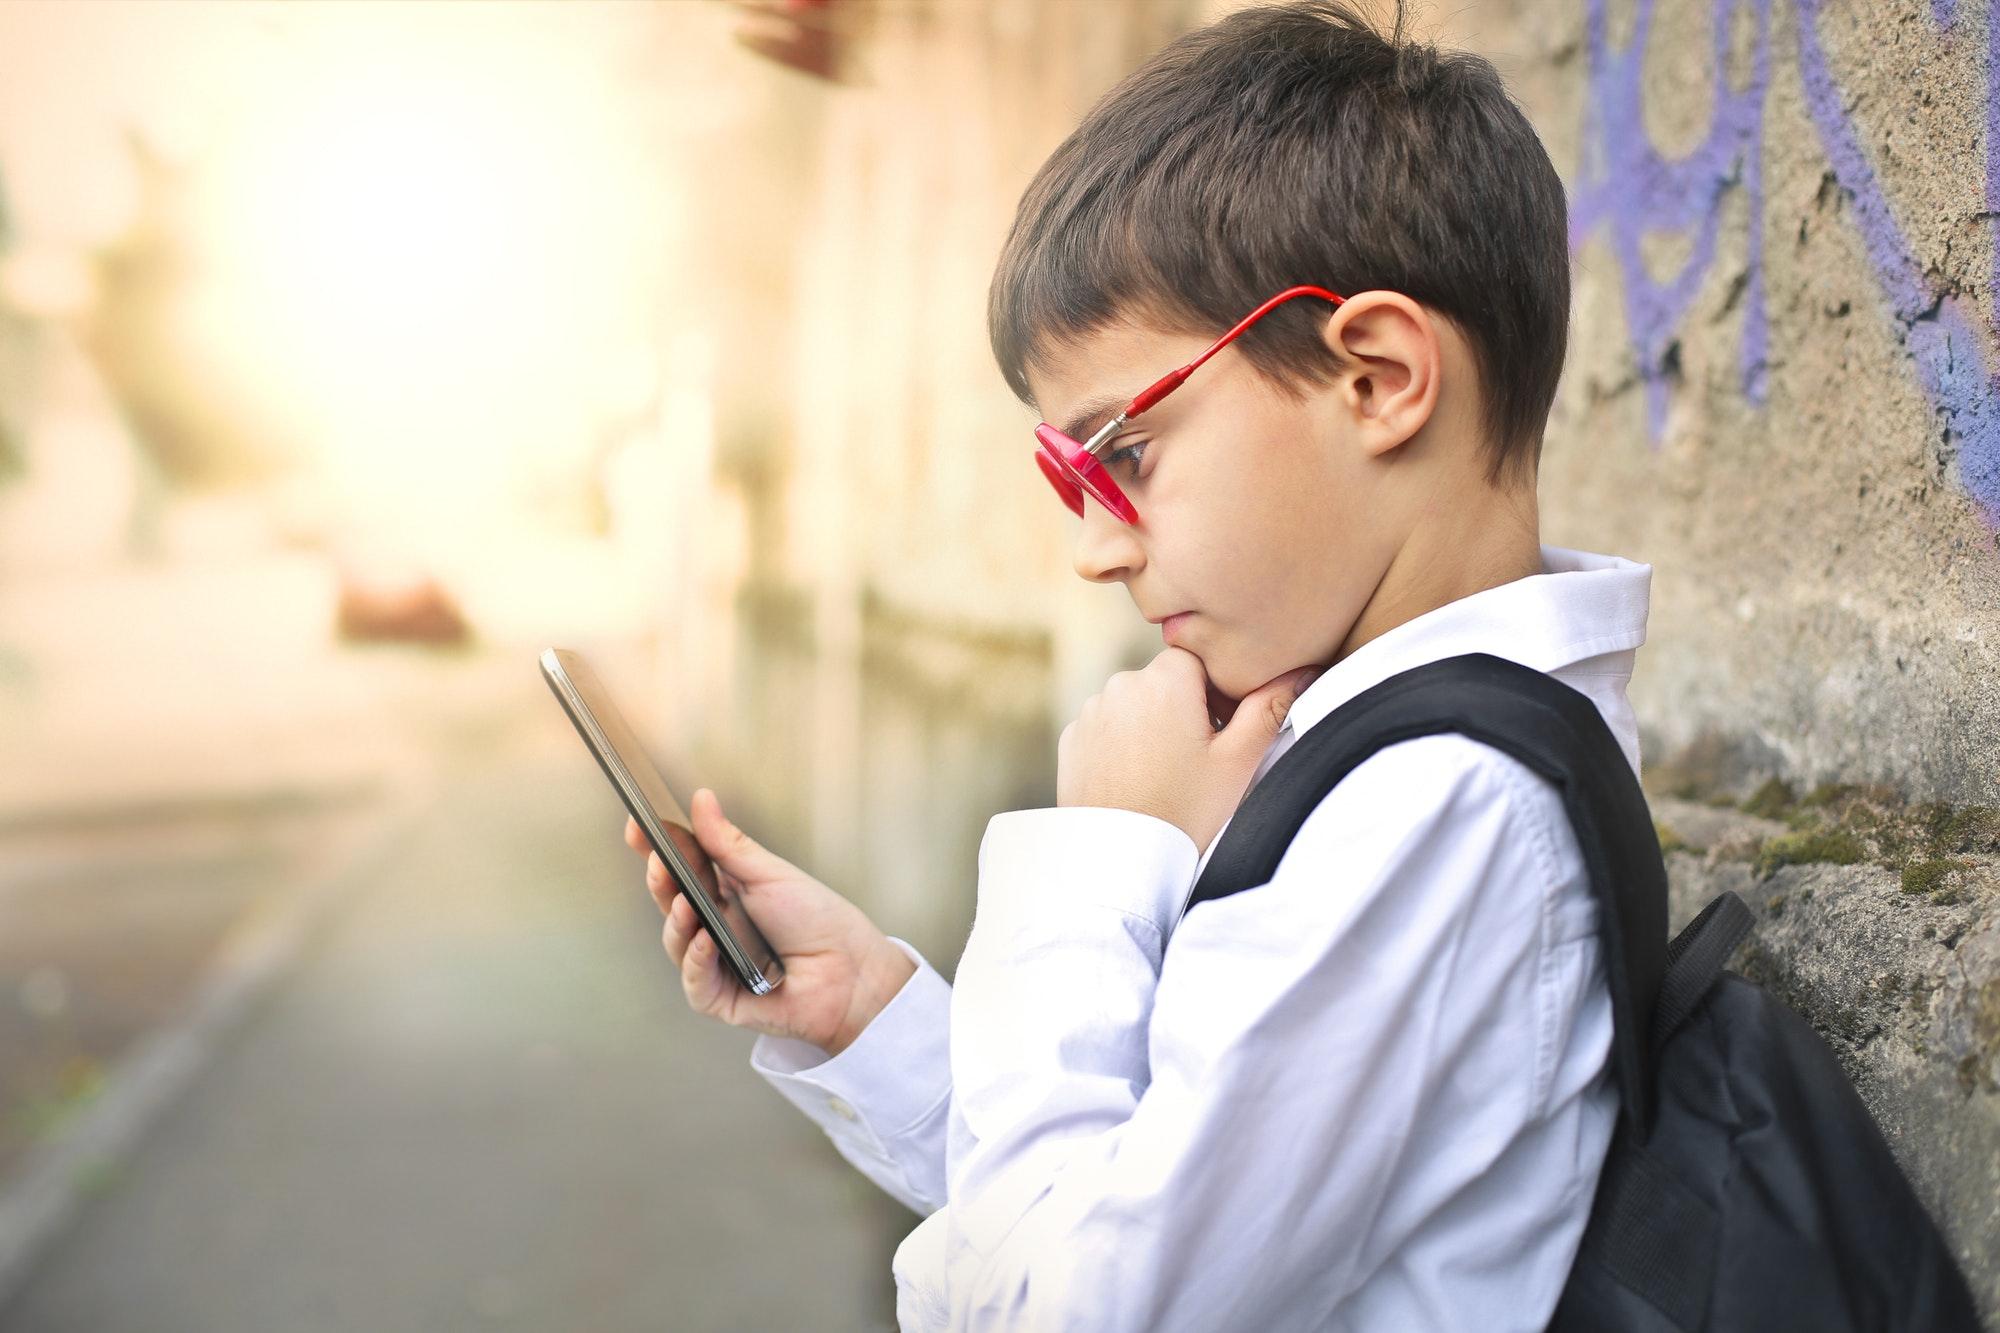 Adolescente com olhar fixo em smartphone